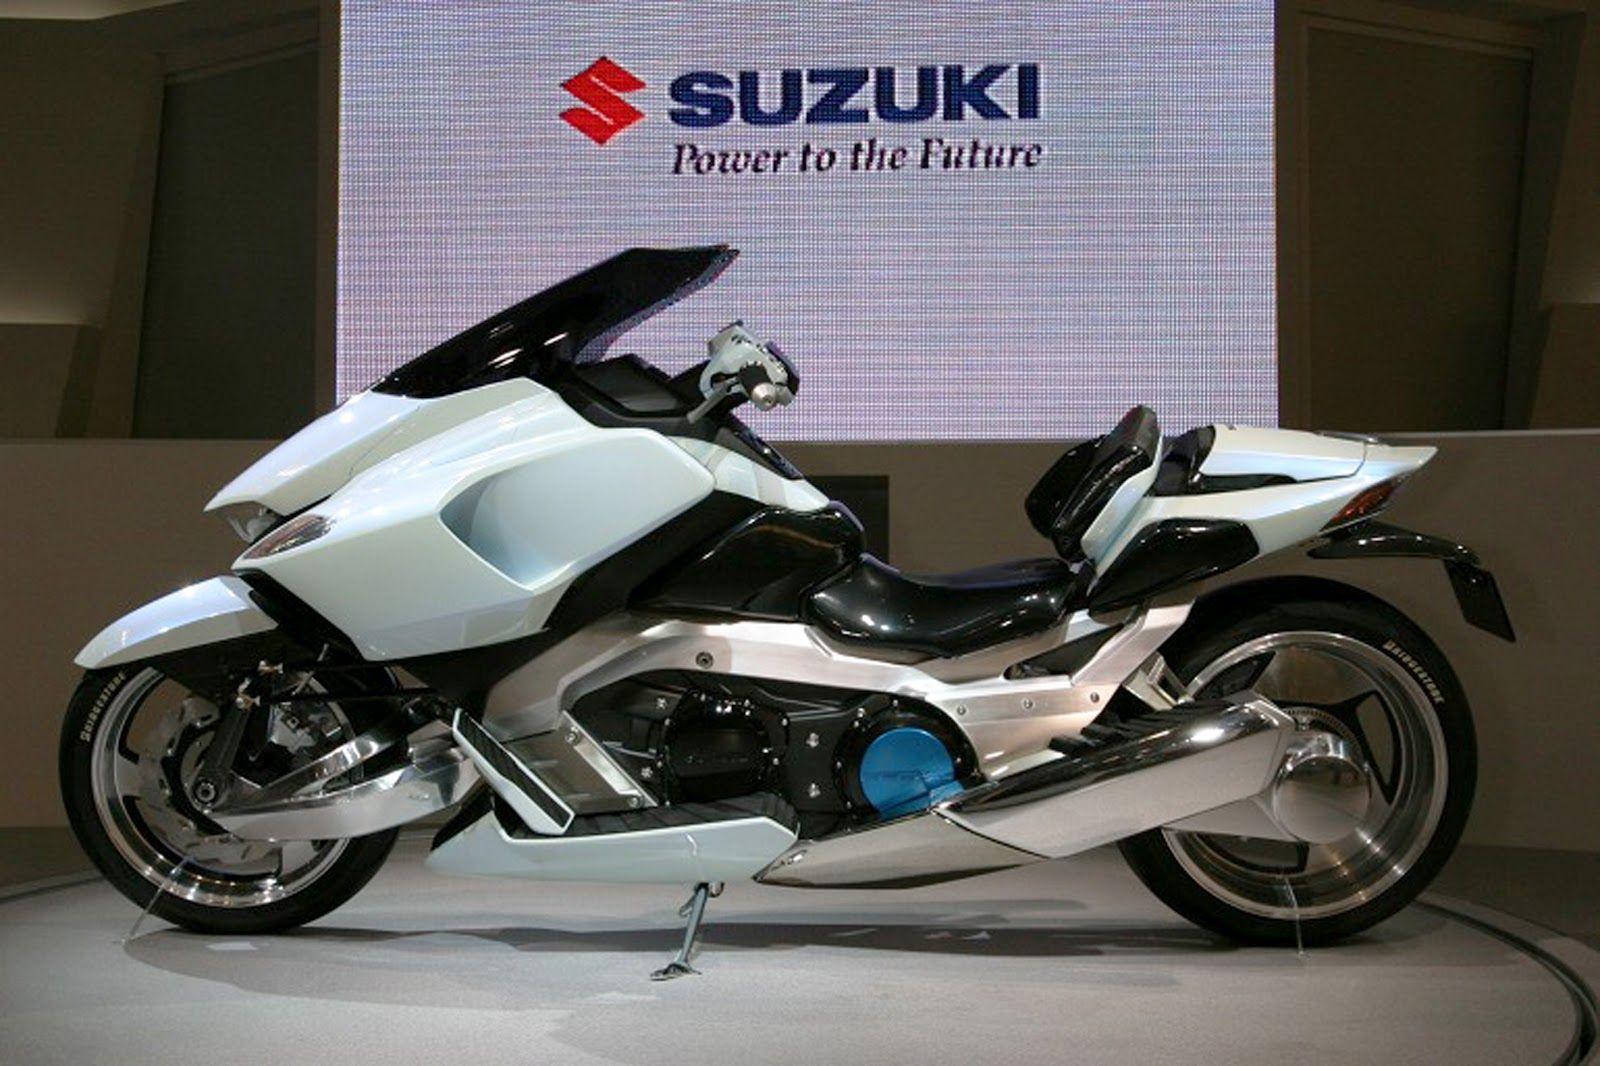 suzuki g strider 01 electric motorcycle motorbike futuristic